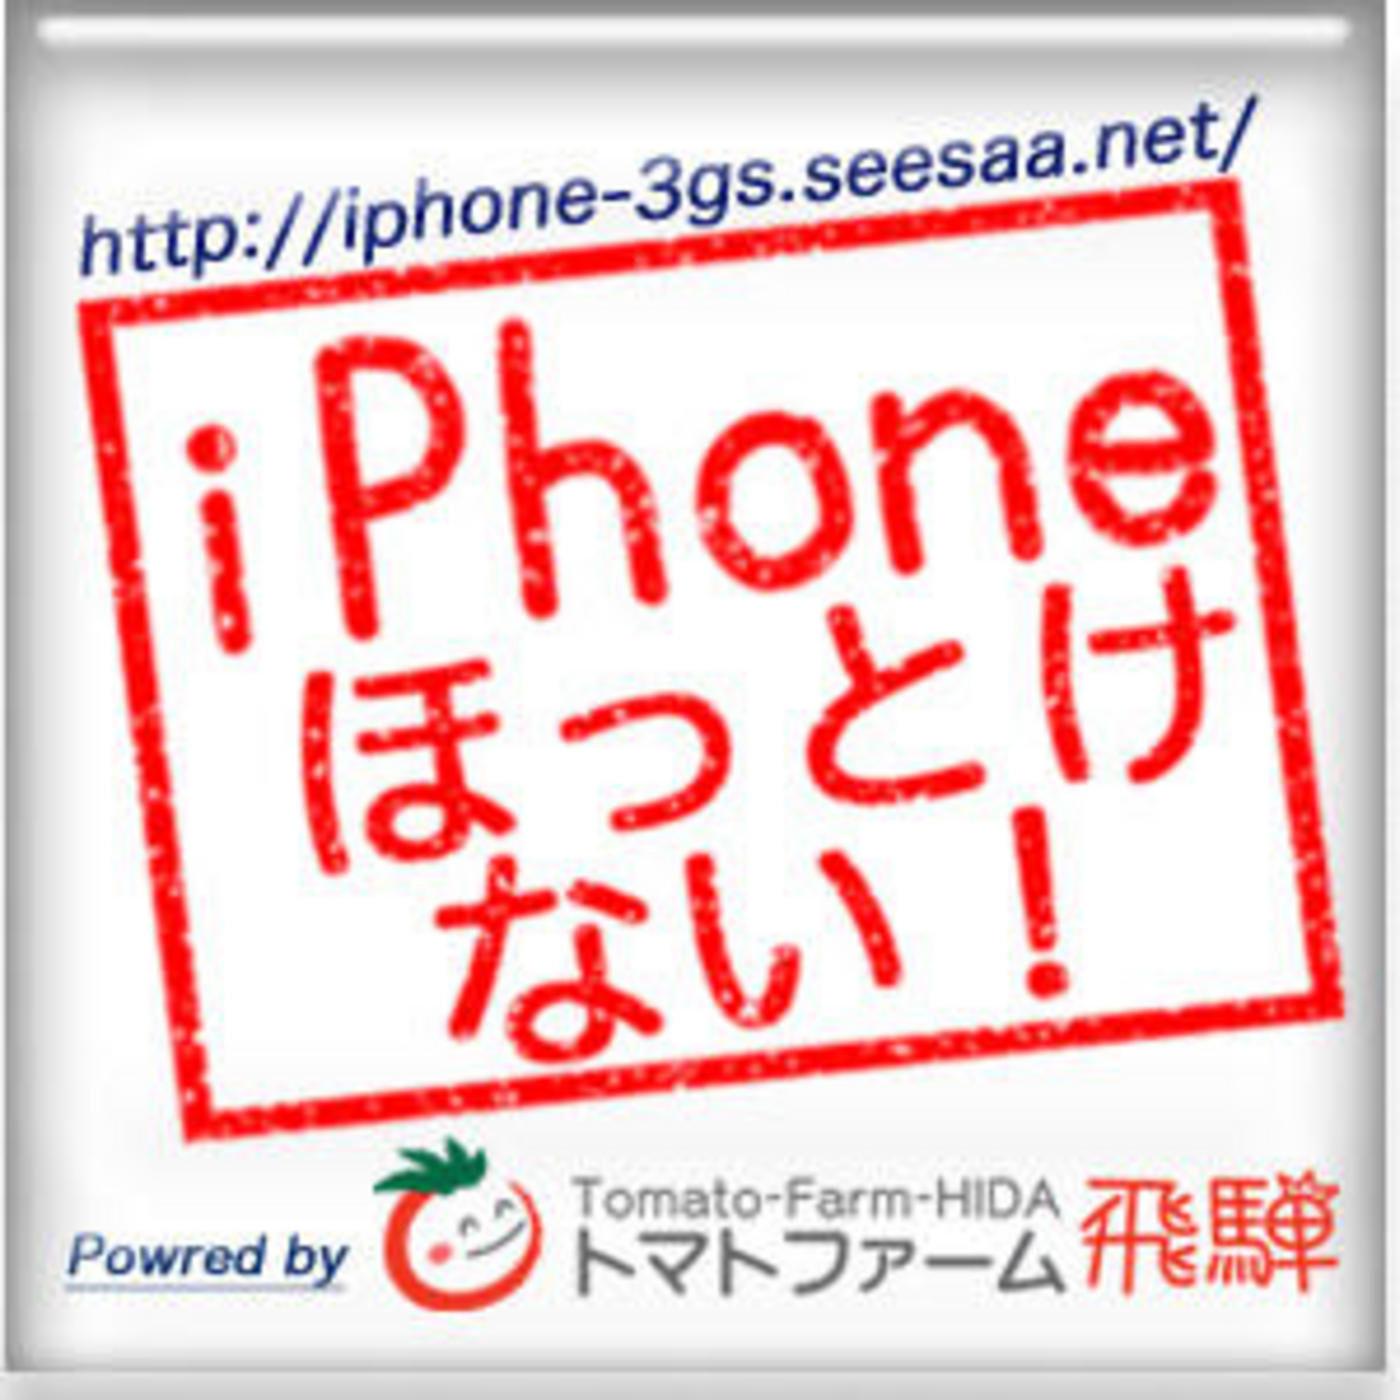 CHUCK – Oceans en iPhone??????? en mp3(09/09 a las 05:12:00